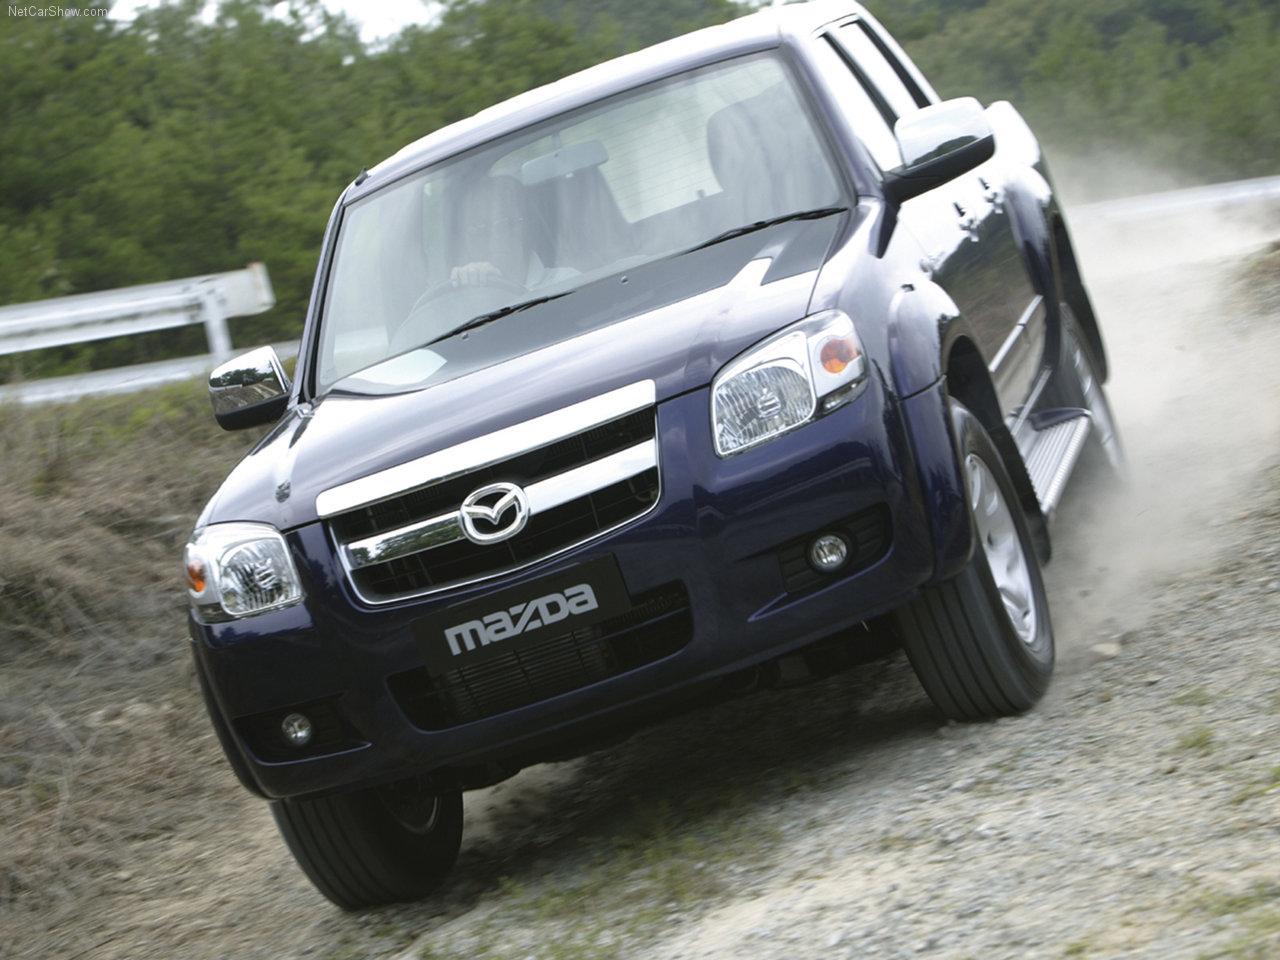 http://4.bp.blogspot.com/_3V1YR3u6VBg/TAdRKSZ-HUI/AAAAAAAACe0/K0K-et775lQ/s1600/Mazda-BT-50_2006_1280x960_wallpaper_05.jpg